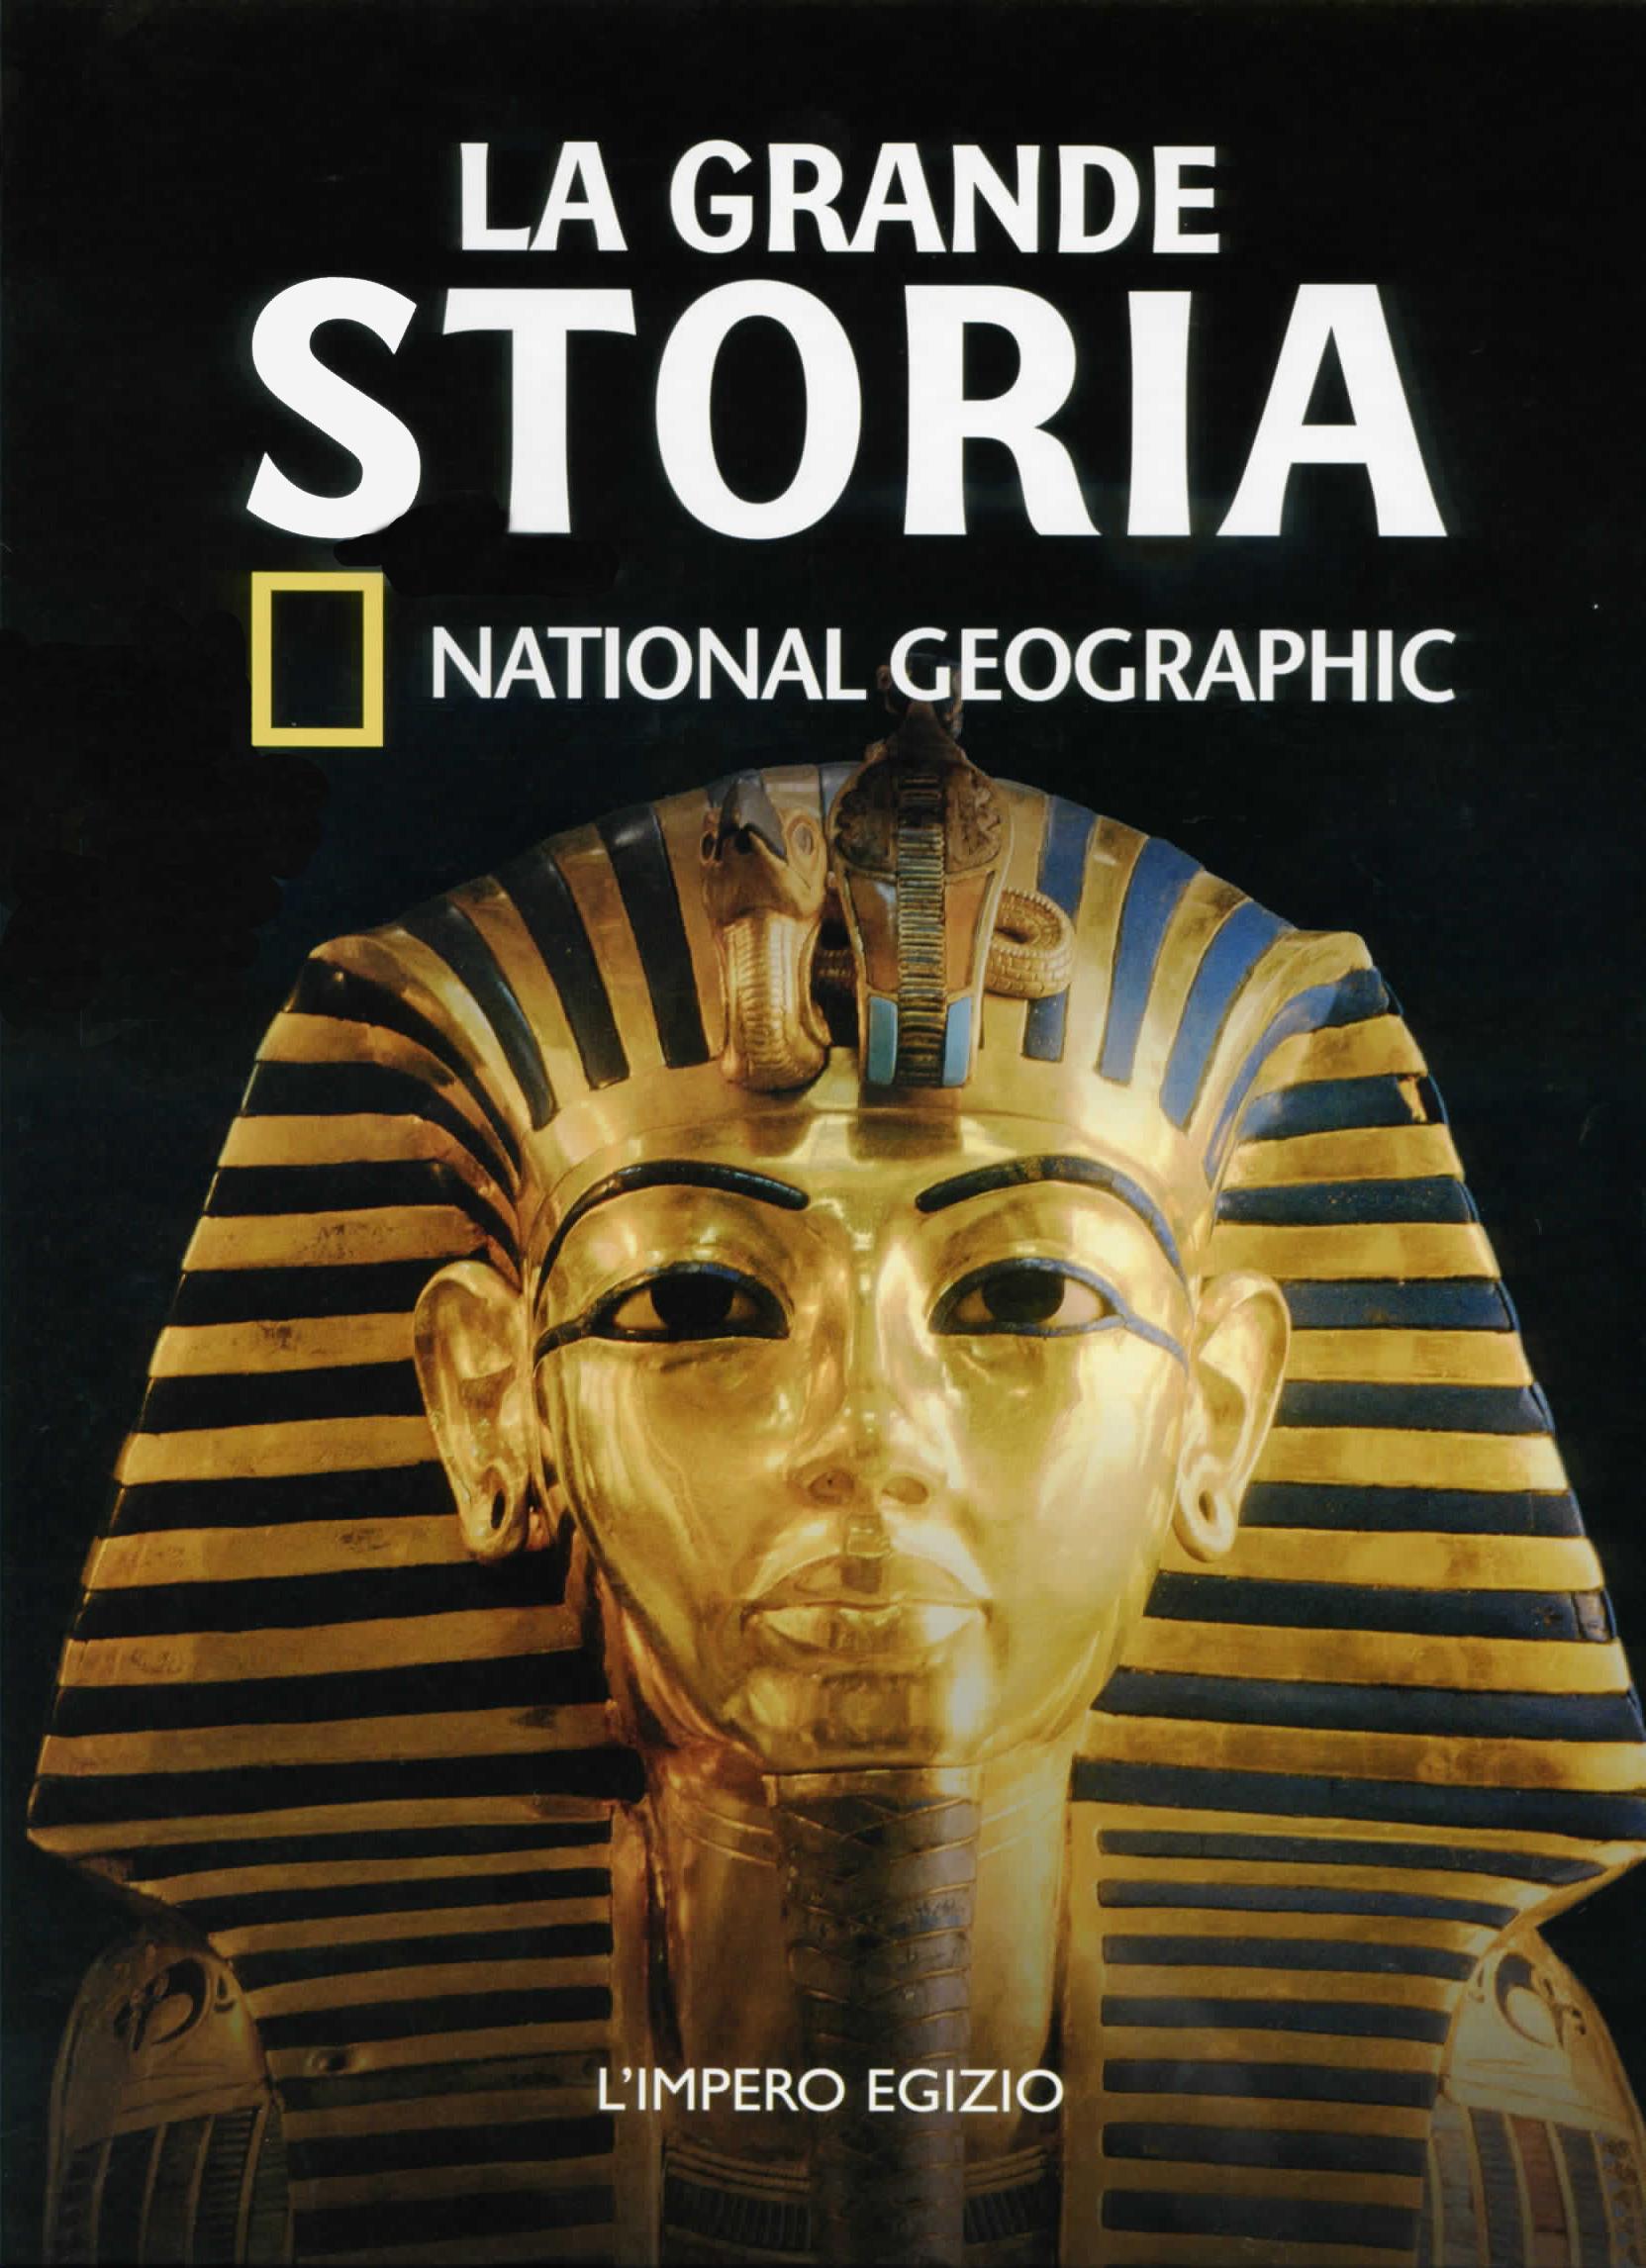 La grande storia / National Geographic